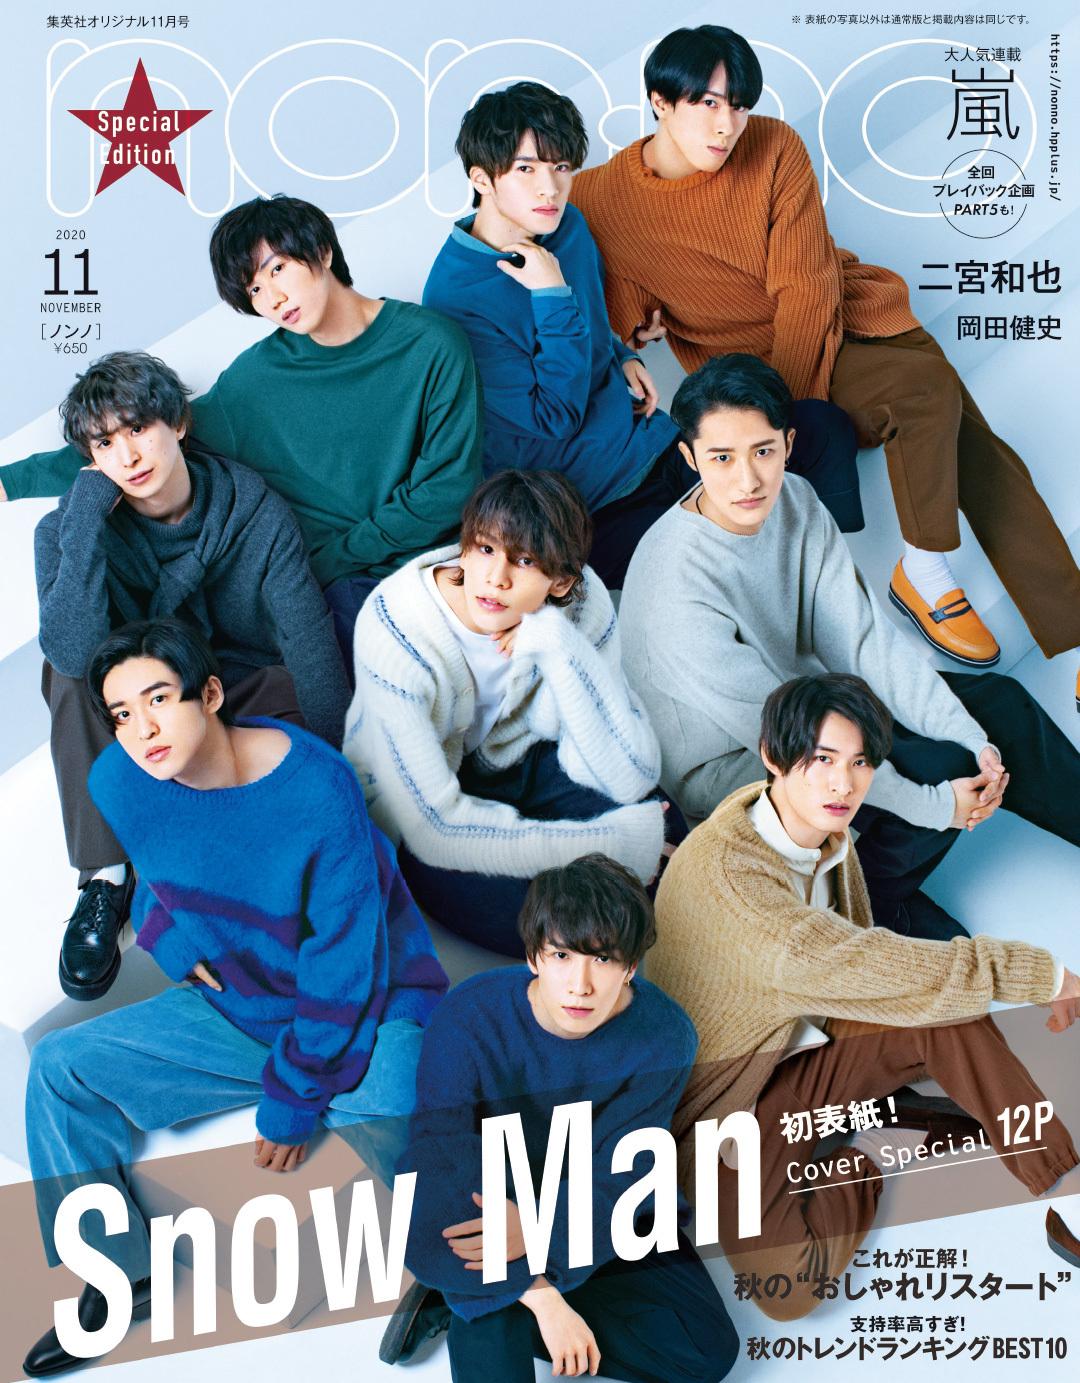 特別版表紙(Snow Man)